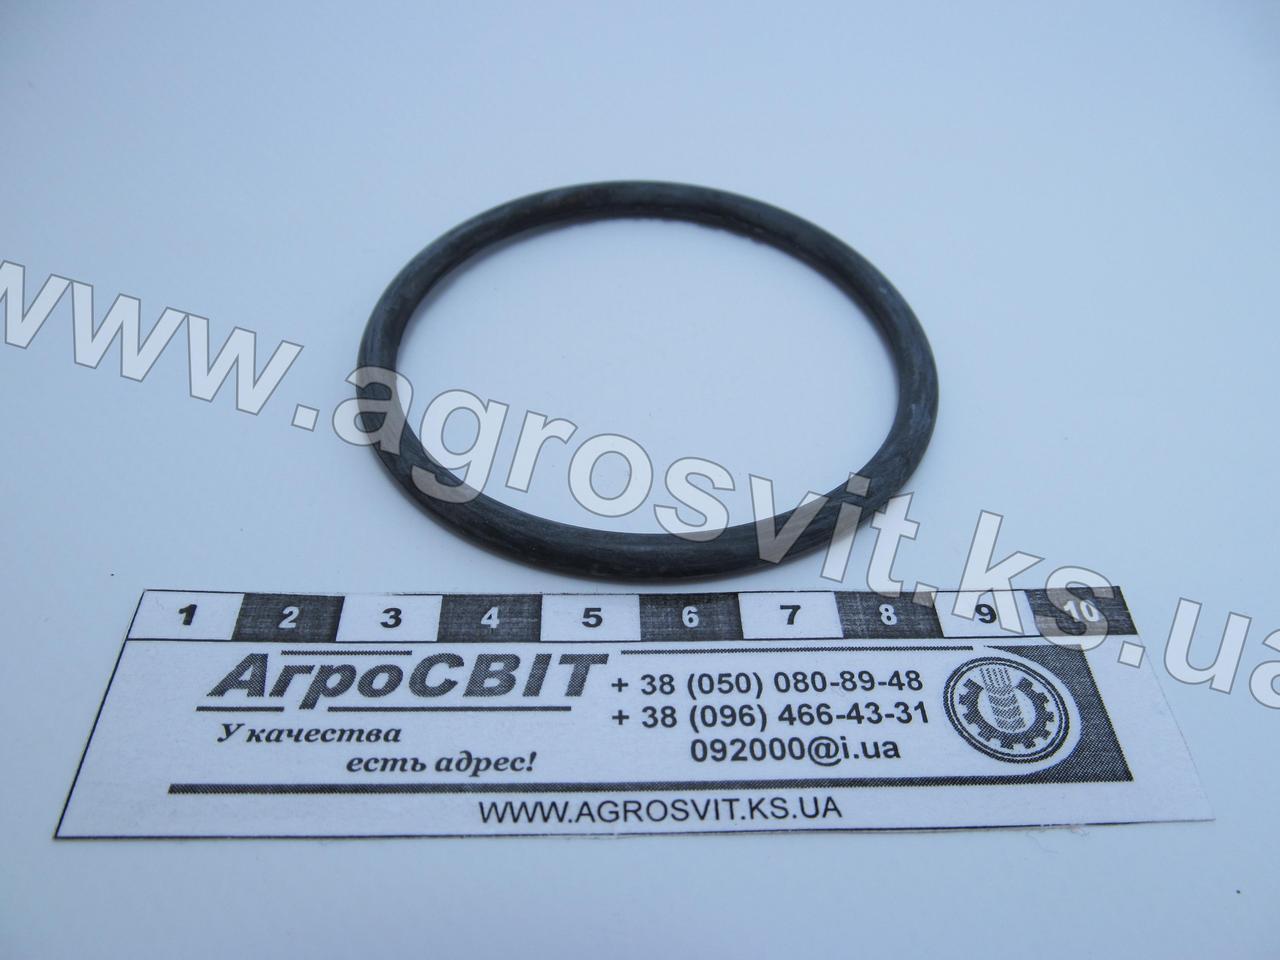 Кольцо резиновое 62,0х4,6; типоразмер 063-071-46